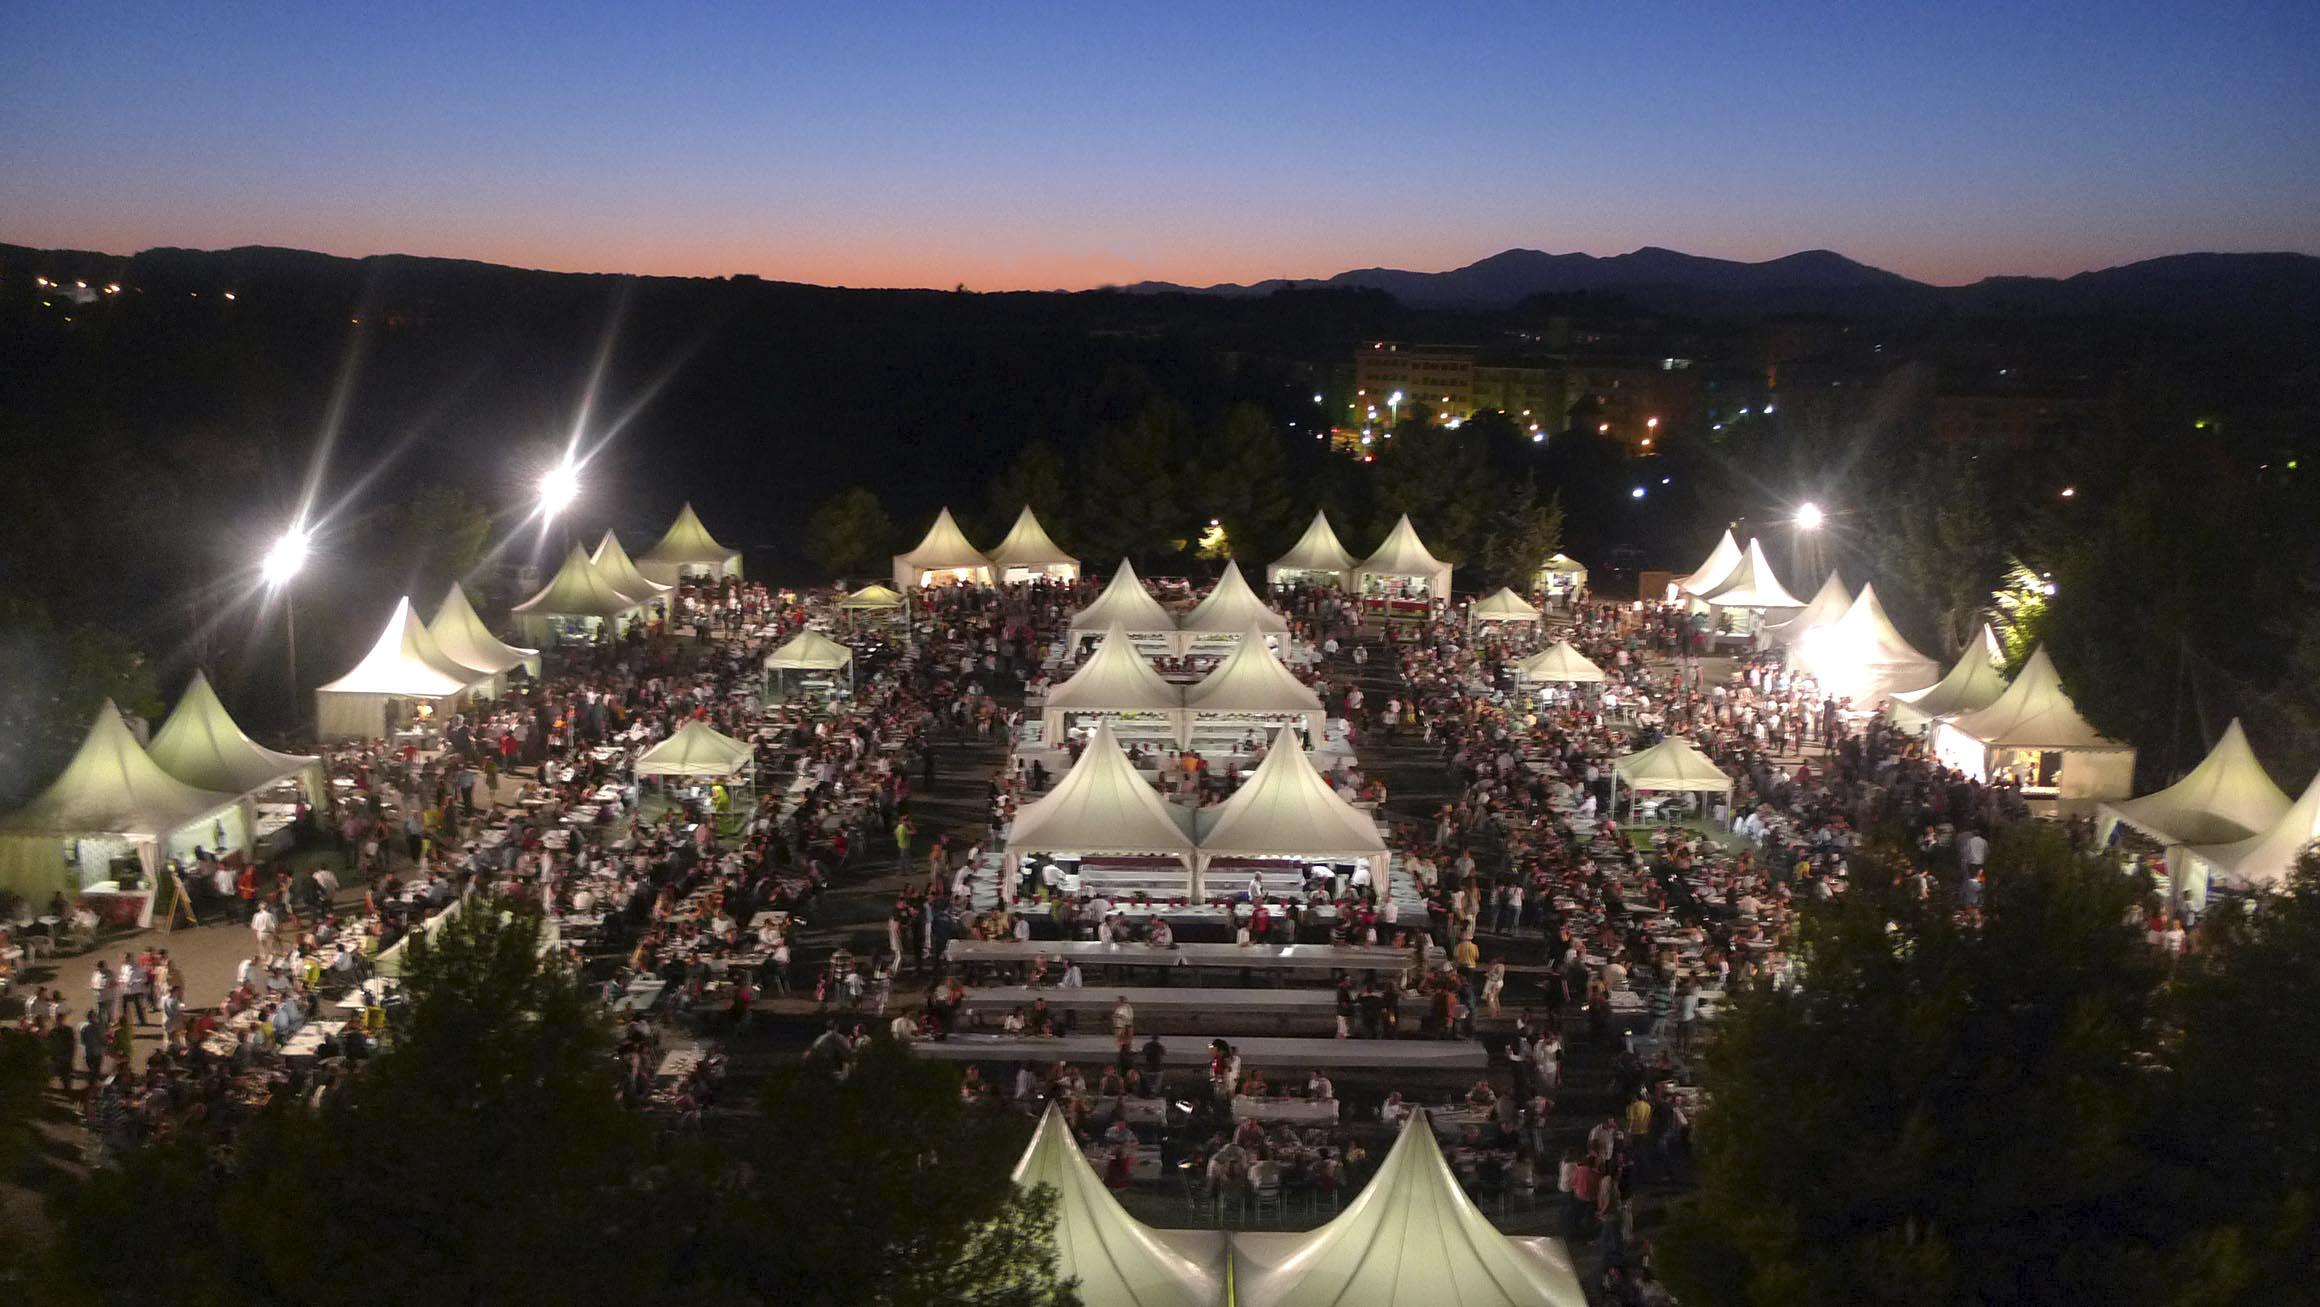 festival del vino del somontano de barbastro /José Luis Pano/